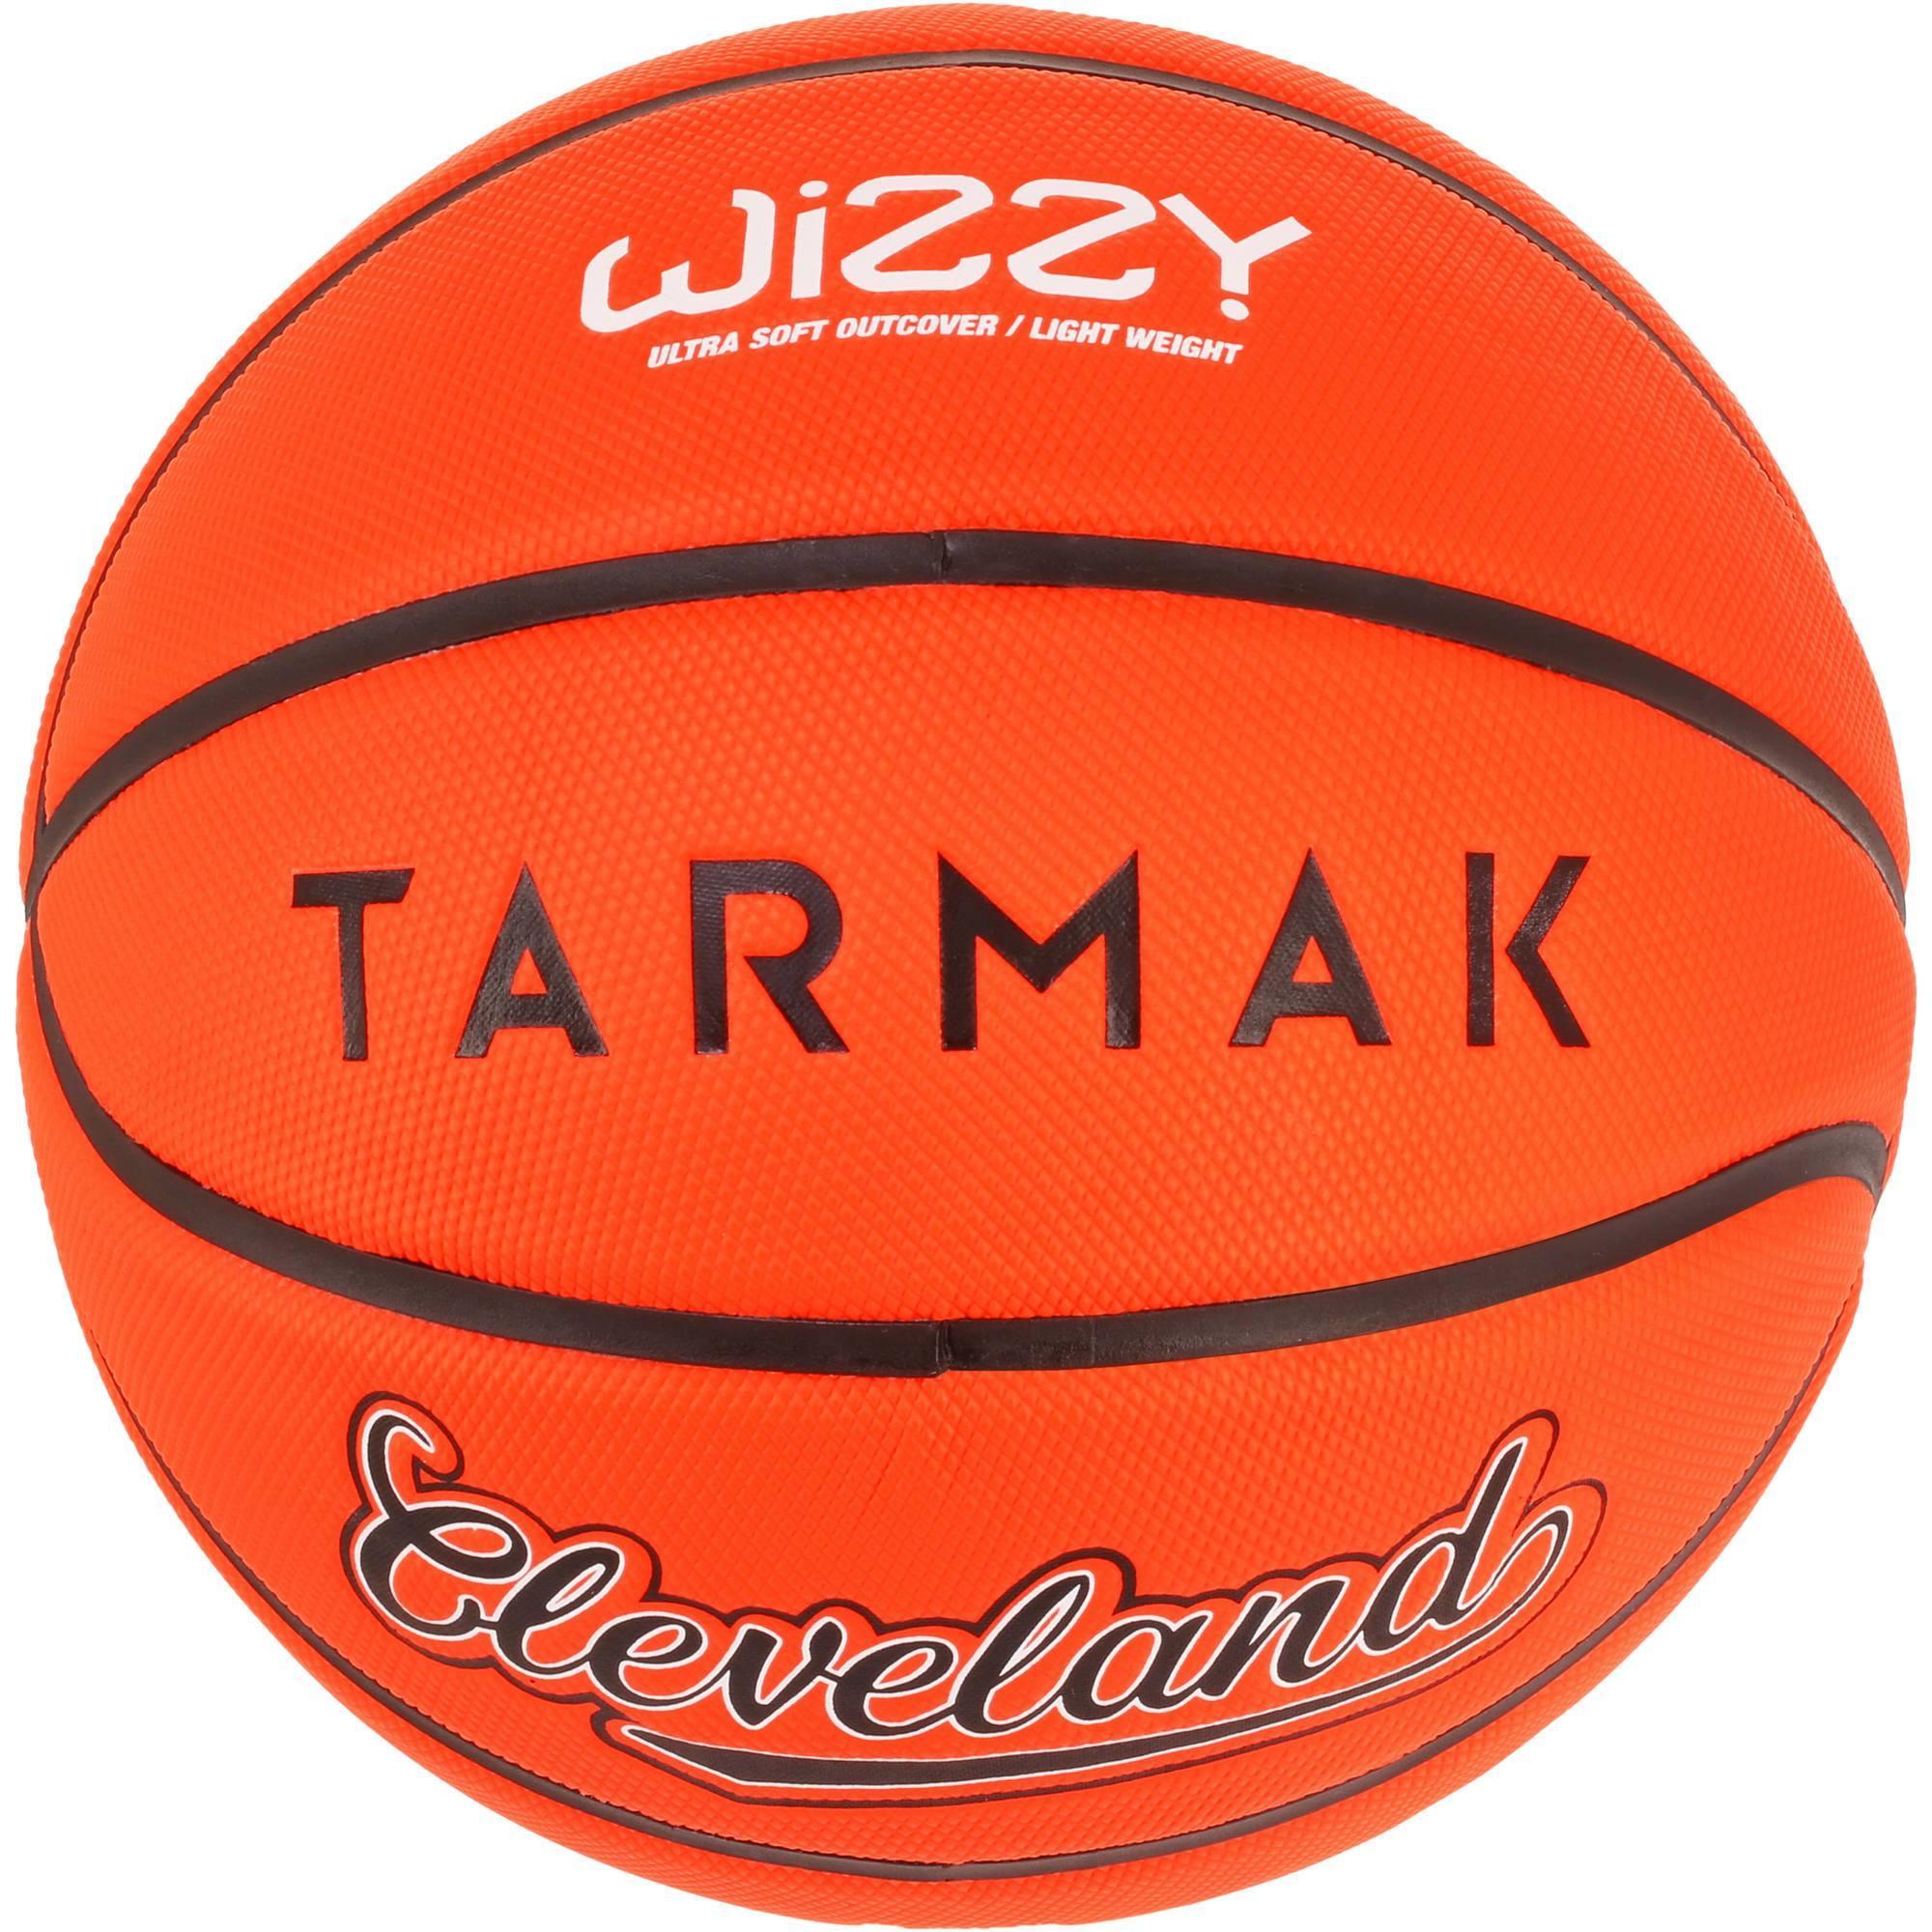 Ballon de basket enfant Wizzy Cleveland orange taille 5.